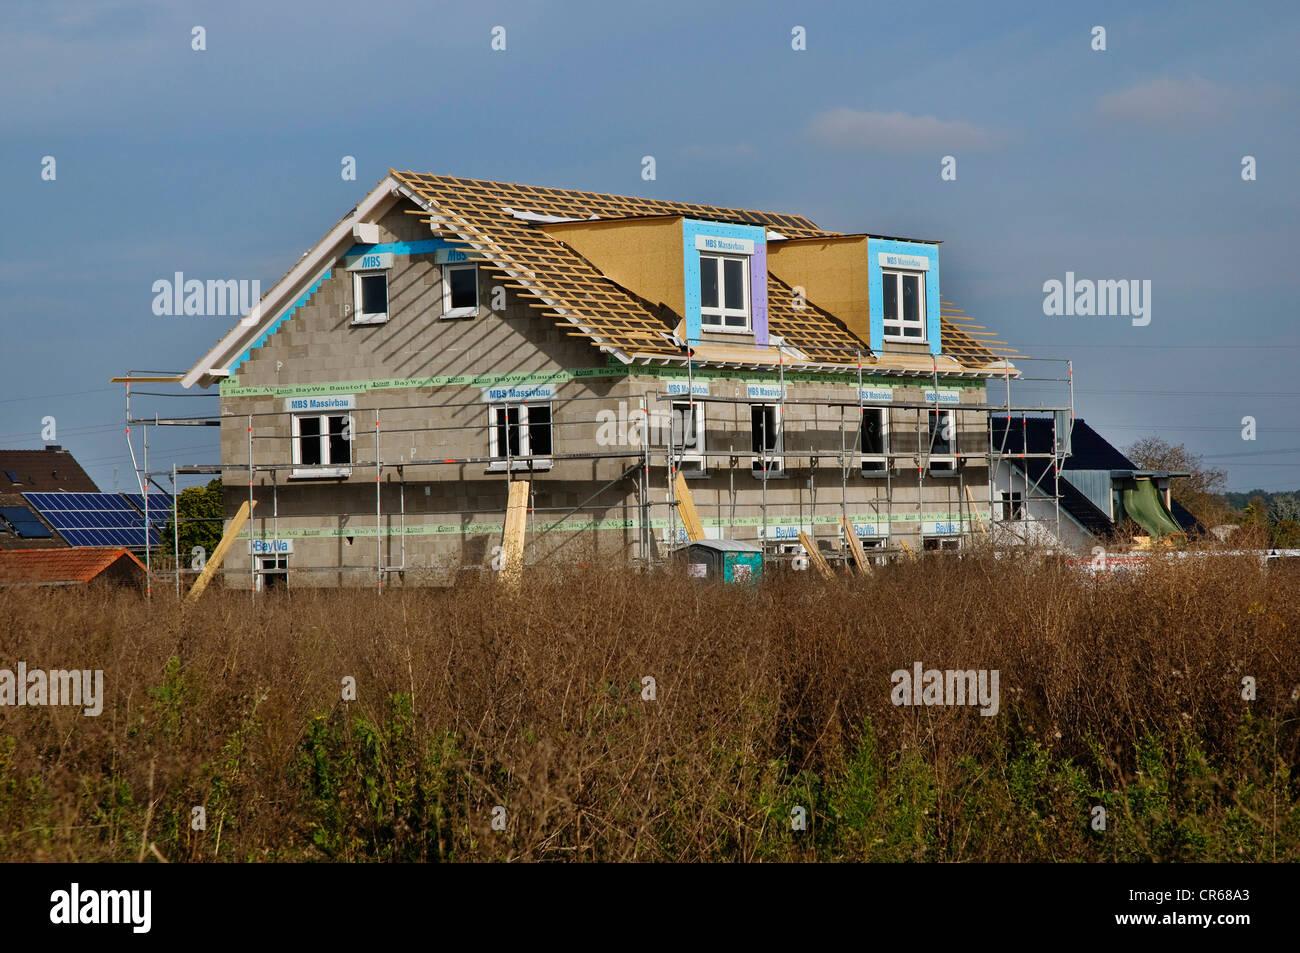 Neu errichtete Gebäude, Mehrfamilien Haus, Baustelle, PublicGround Stockbild